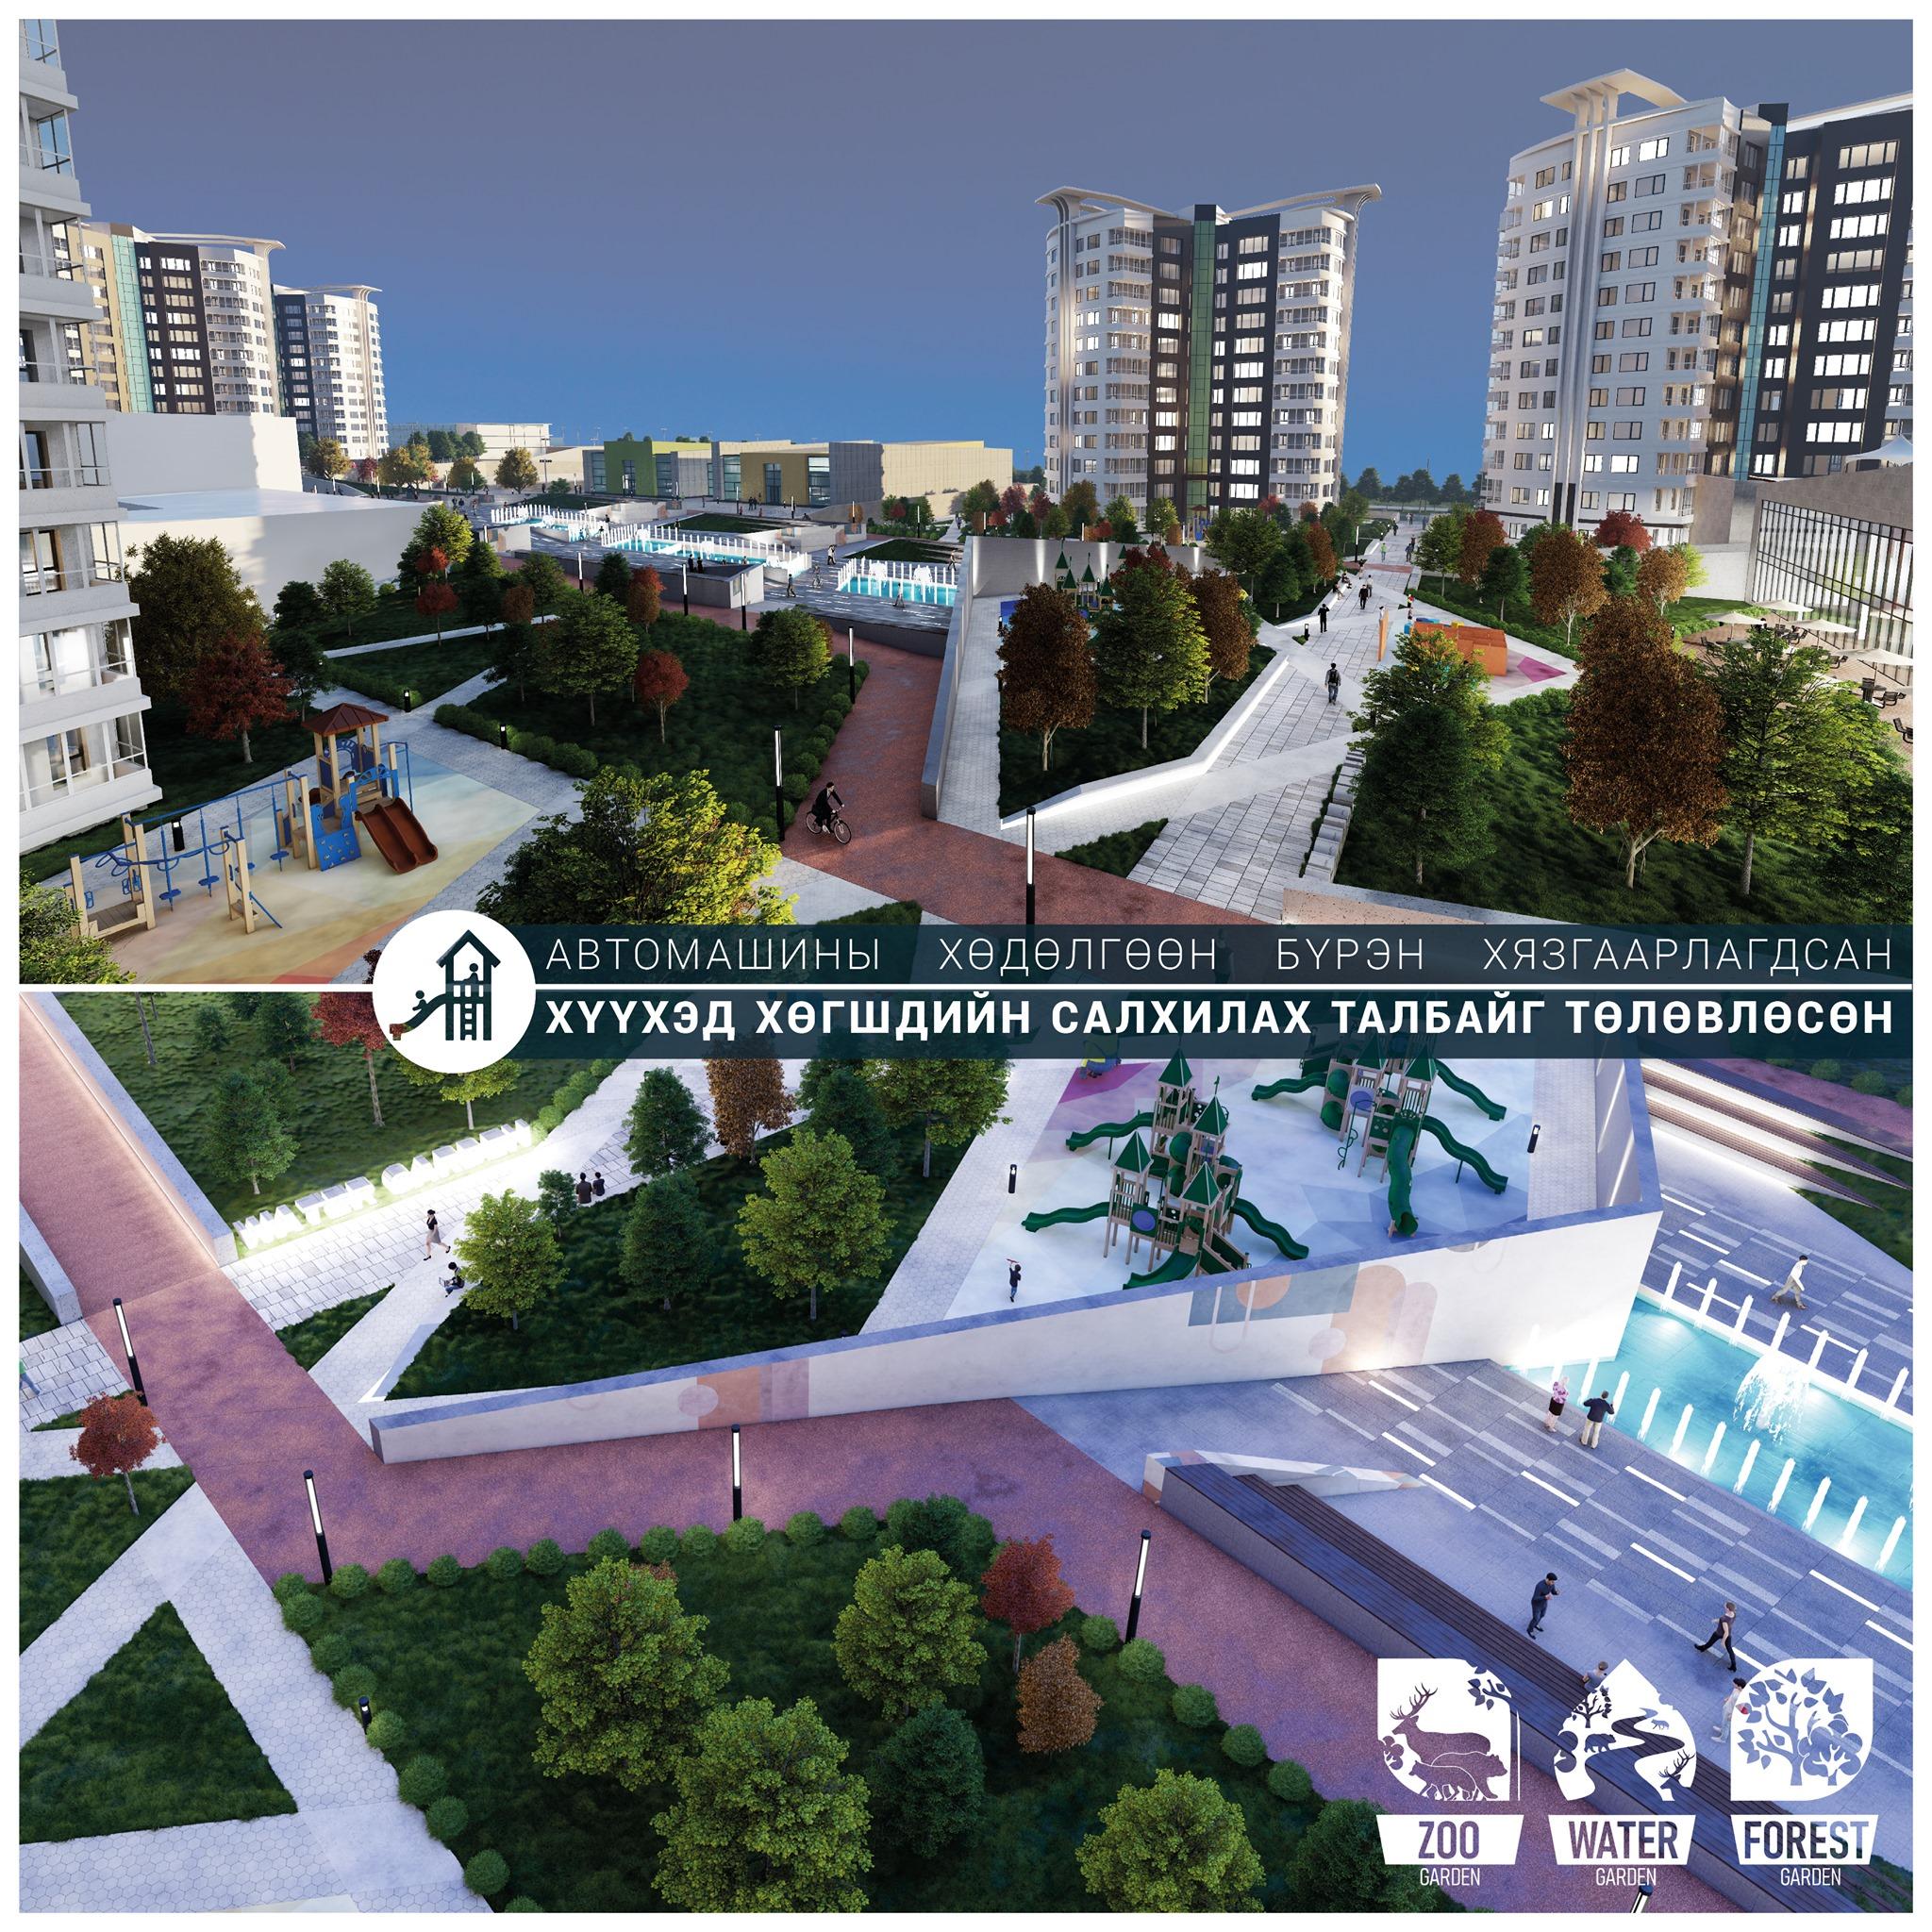 【モンゴル】大規模開発プロジェクト!収益保証・100%買取保証付き収益物件